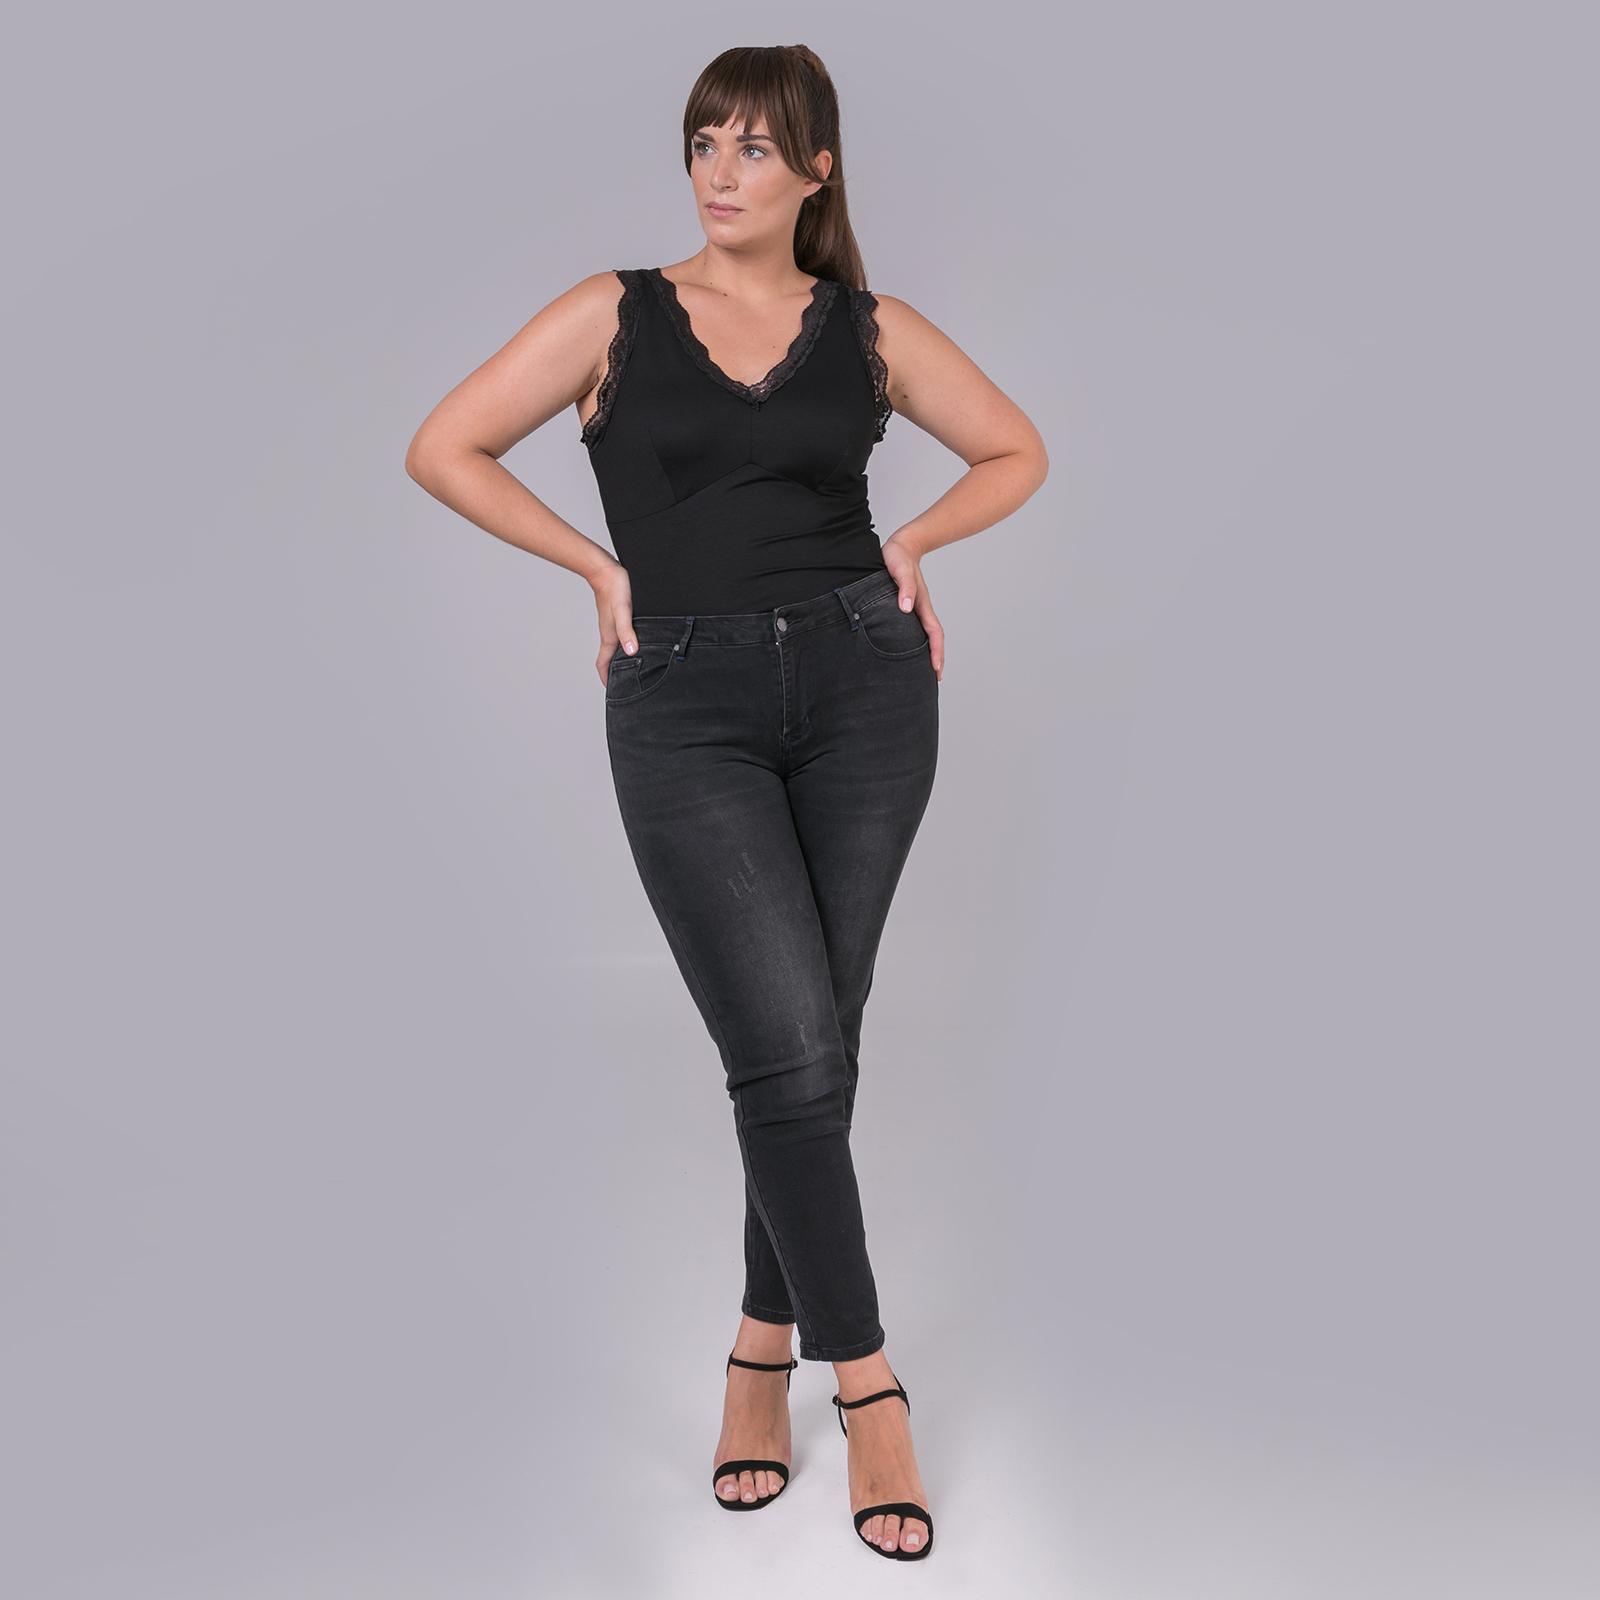 ● Ελαστικό denim ● Κανονική μέση ● Κλείσιμο με μεταλλικό κουμπί και φερμουάρ ● Πέντε τσέπες ● Slim γραμμή ● Κέντημα με μπλε νήματα στις τσέπες πίσω Μήκος (εσωτερική ραφή): 70 εκ. 72%COTTON 23%POLYESTER 2%ELASTANE 3%VISCOSE Το μοντέλο έχει ύψος 1,79 εκ. και φοράει S